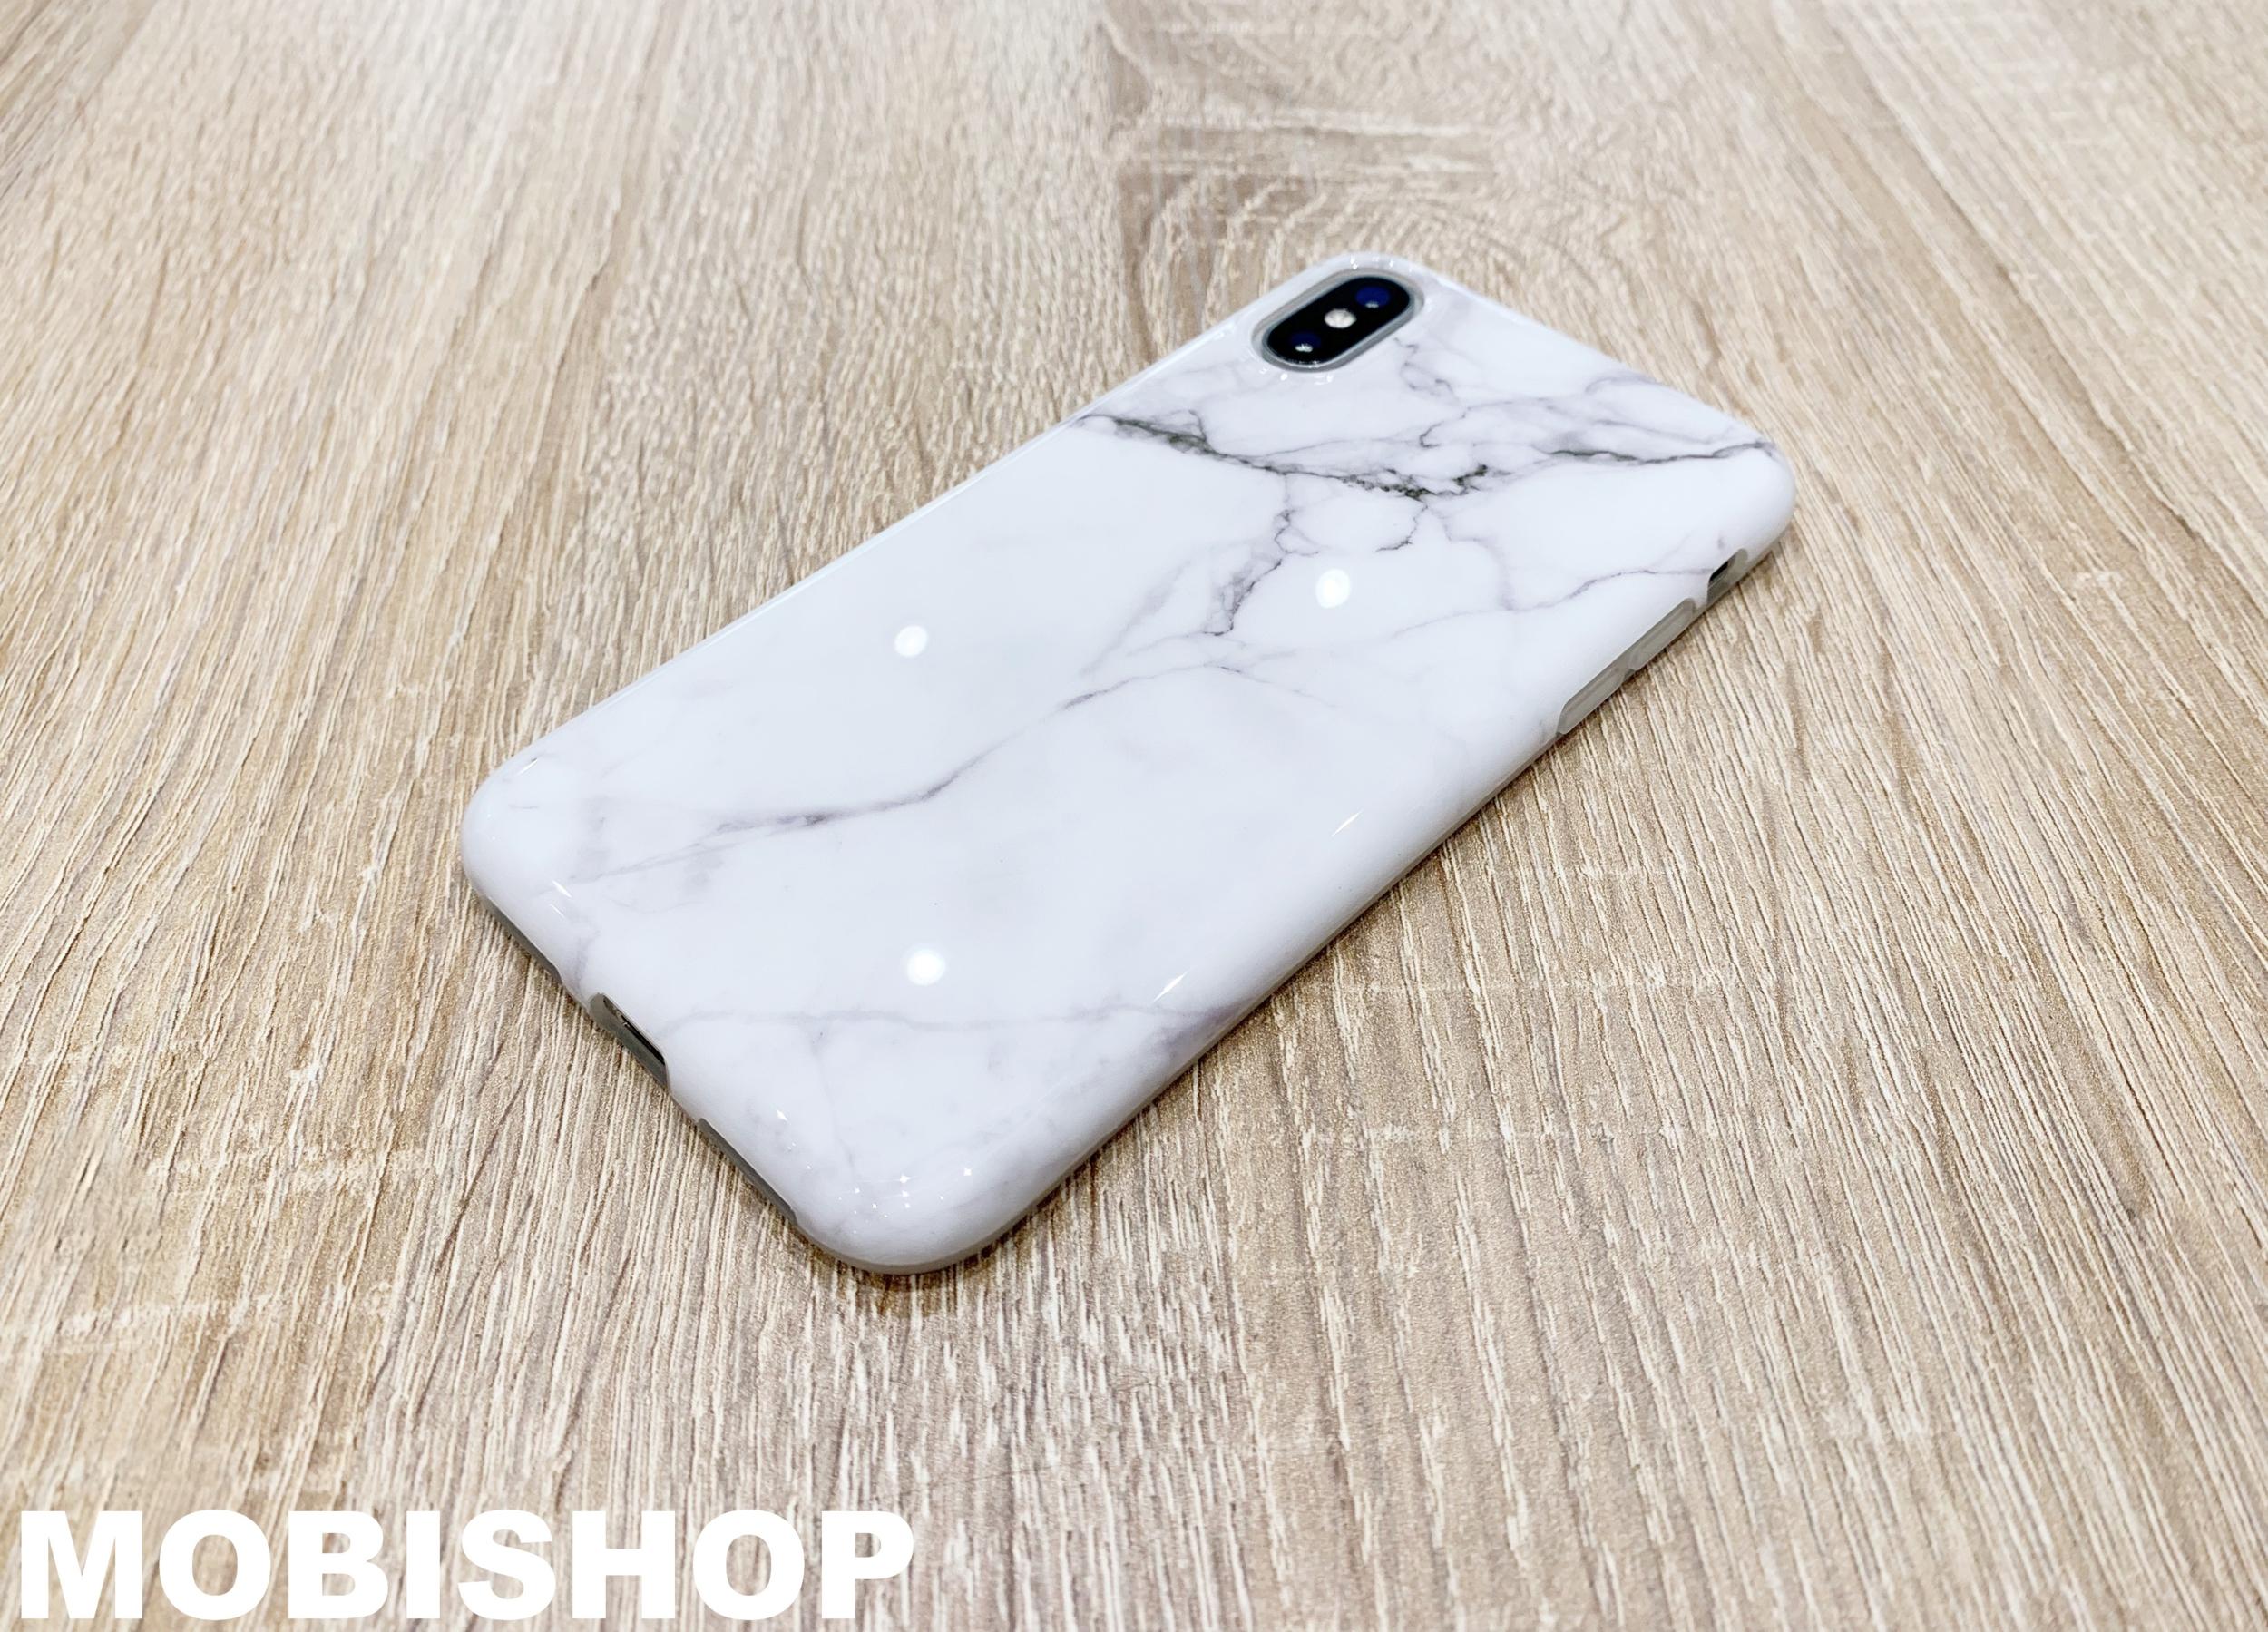 Coque iPhone X XS #Mobishop - Actualités - Mobishop Saint-Etienne